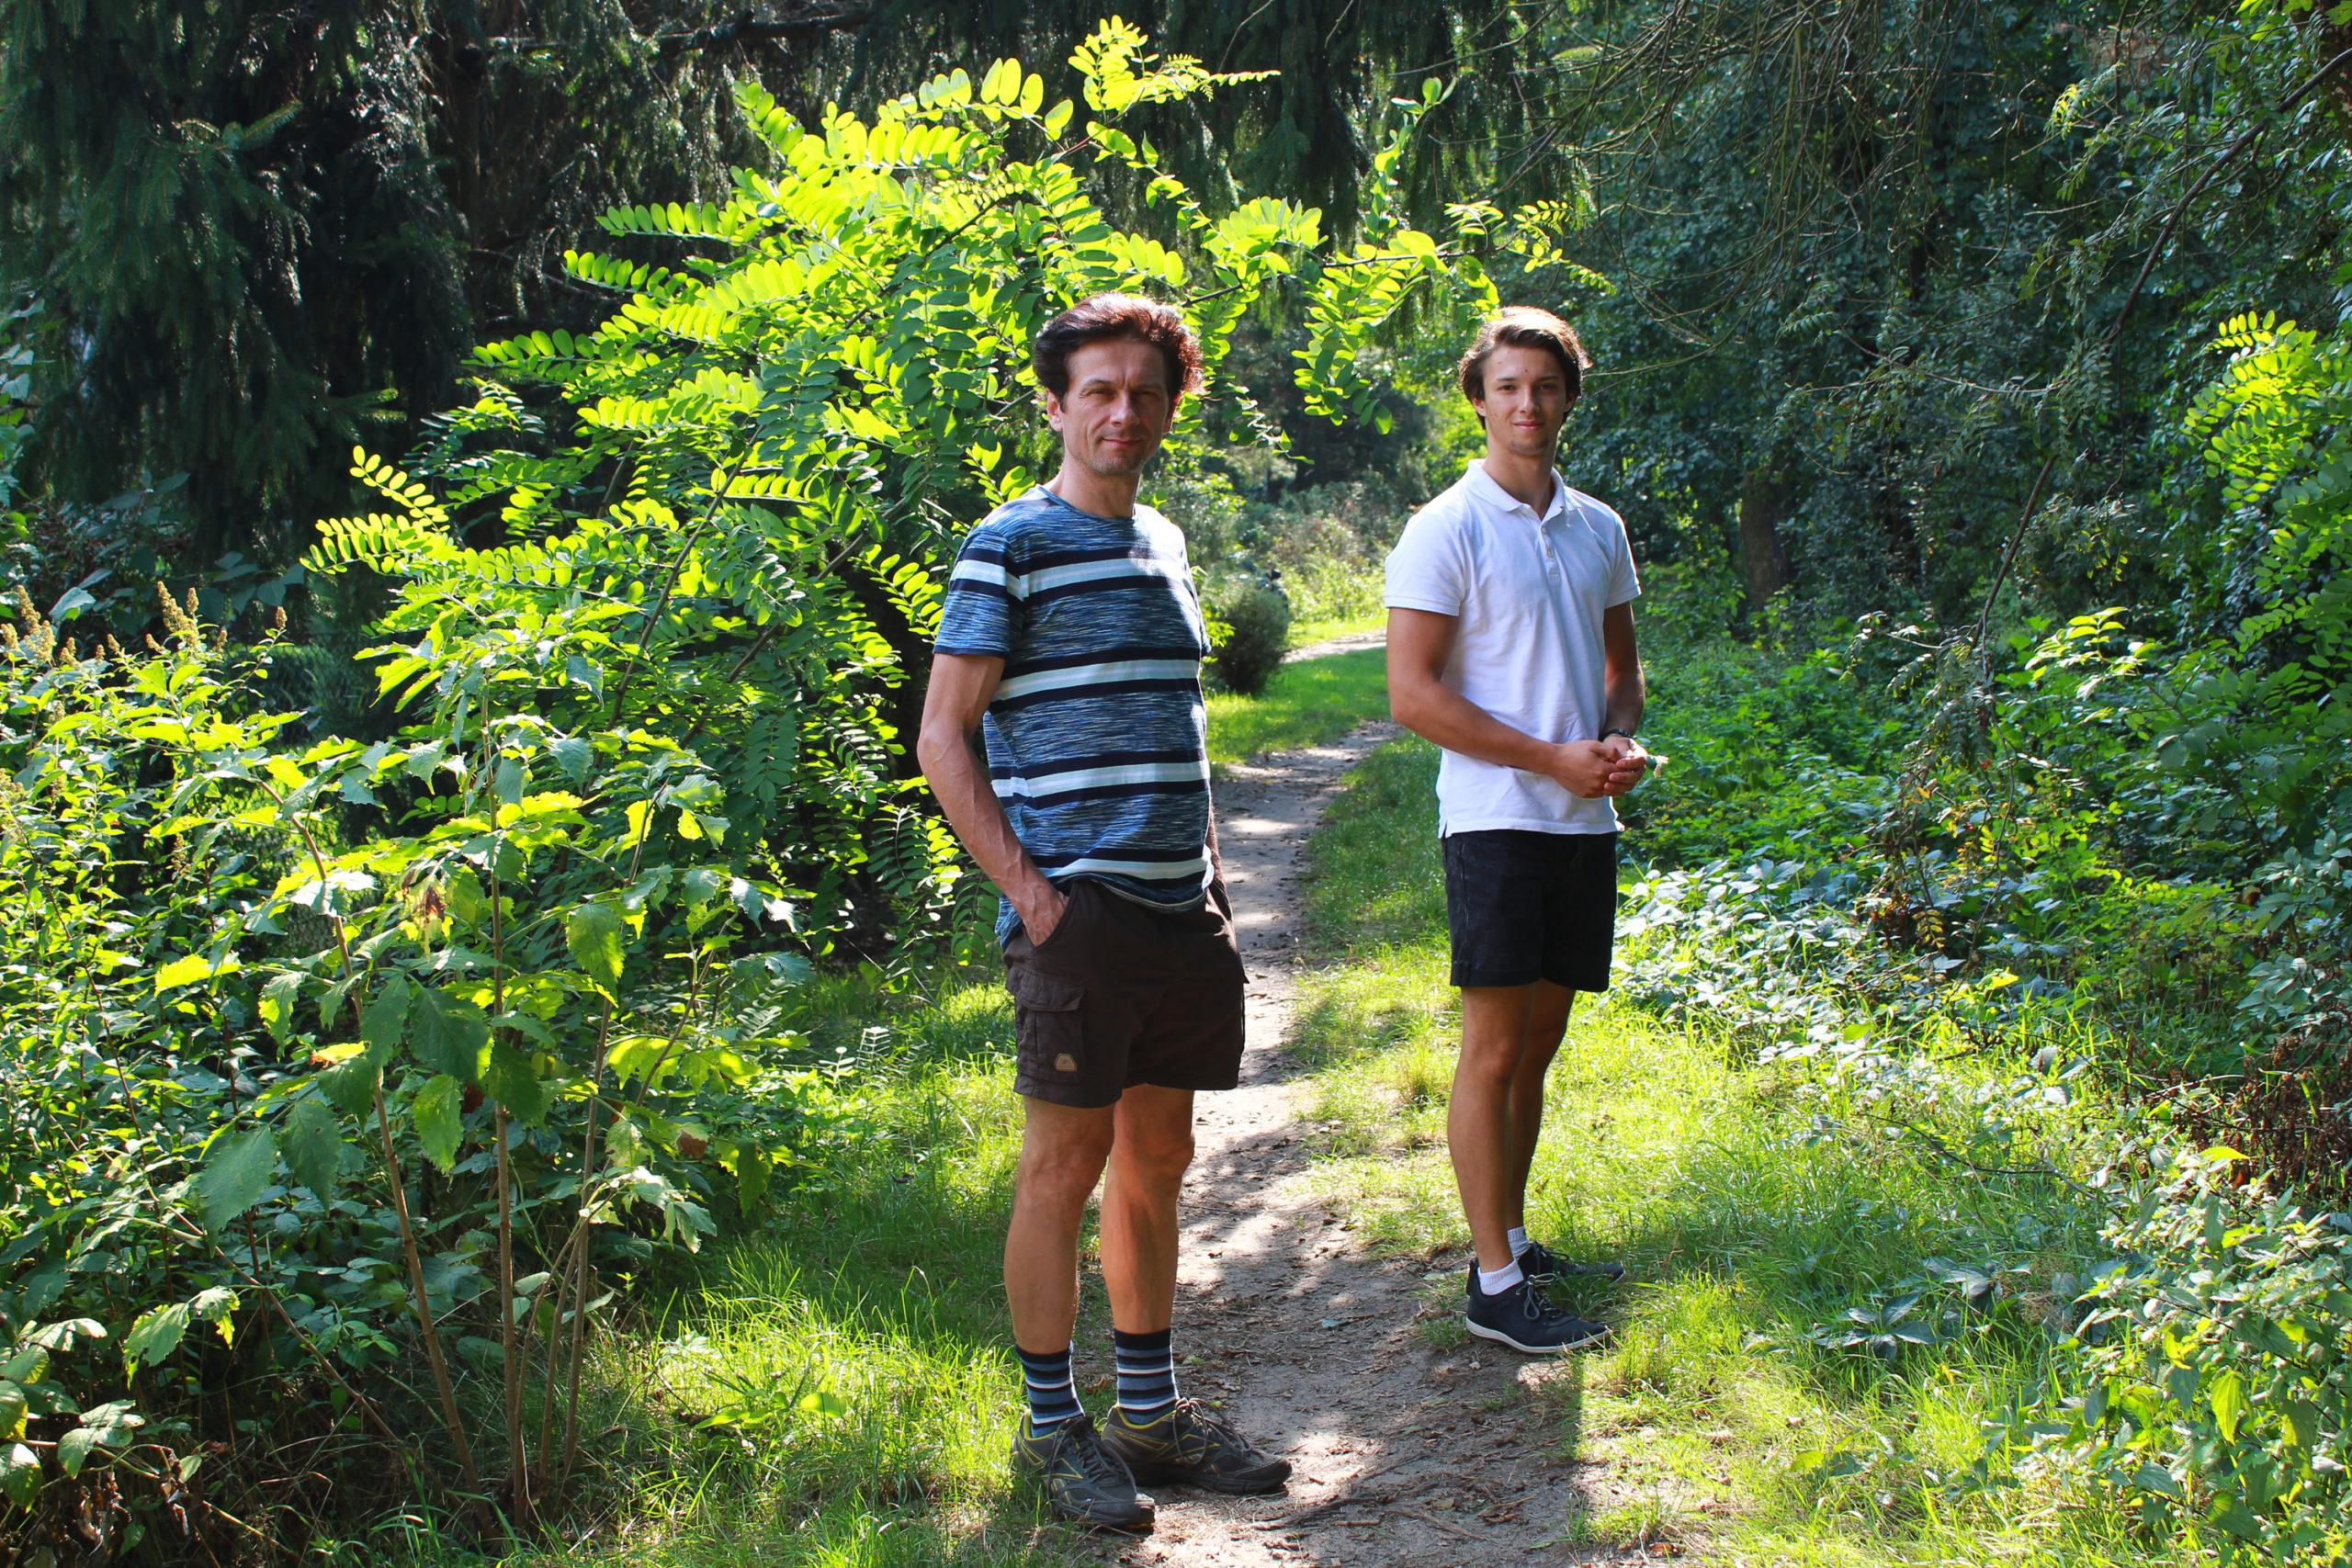 Rodzina na spacerze w lesie